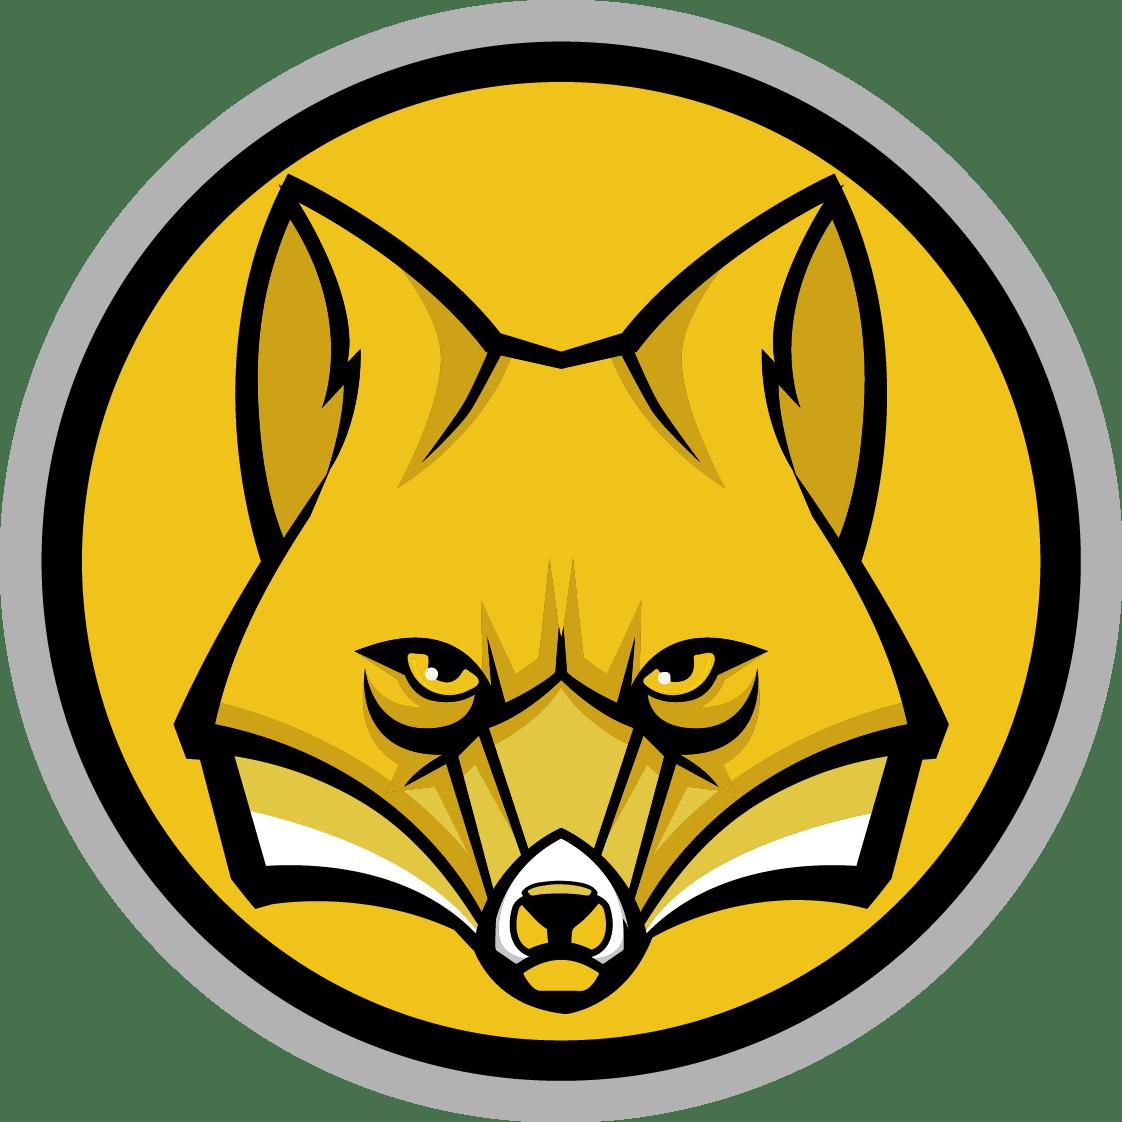 FoxCon eSports